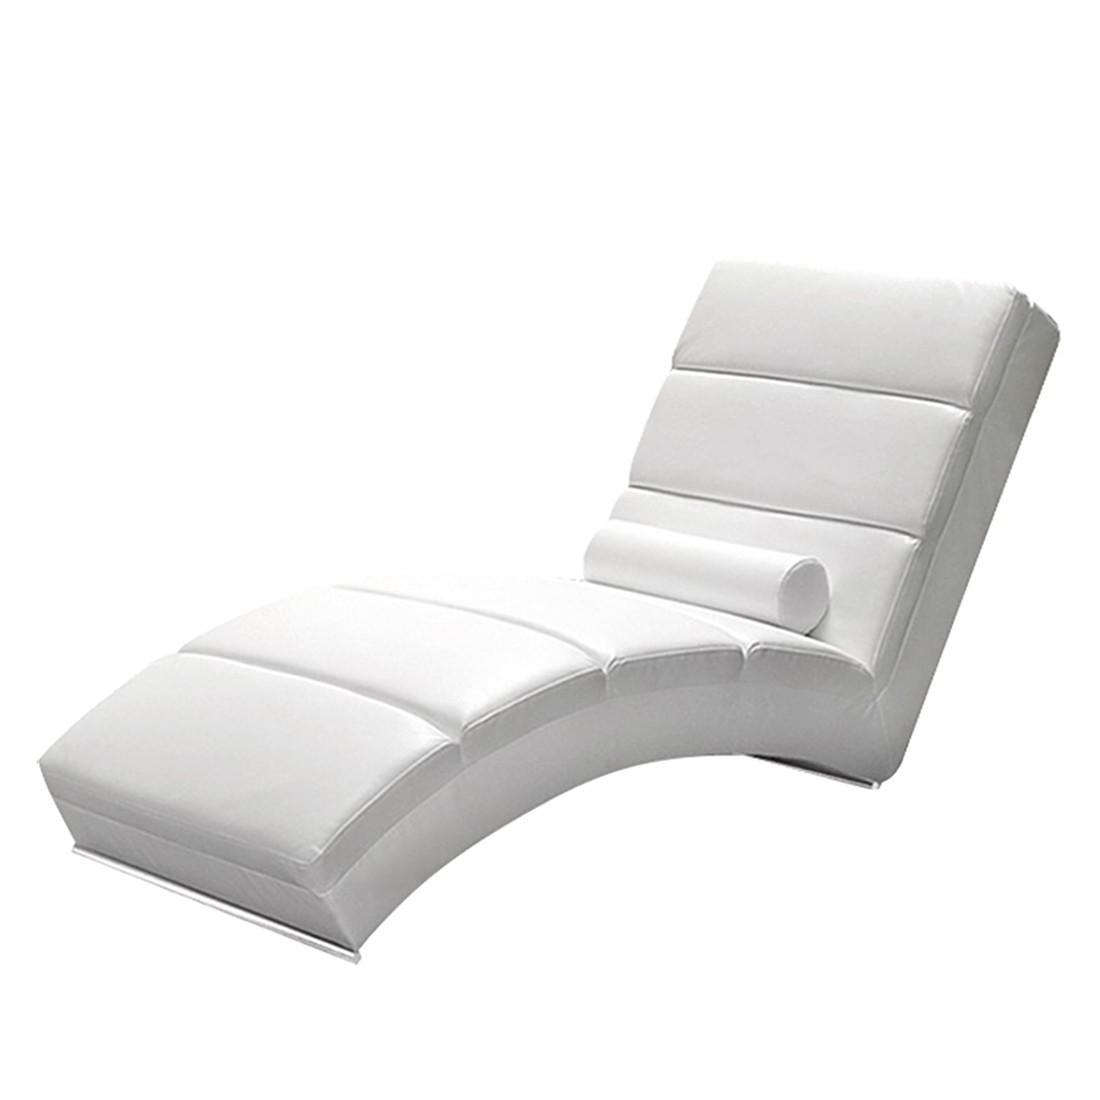 dukdalf relaxliegen preisvergleich die besten angebote online kaufen. Black Bedroom Furniture Sets. Home Design Ideas